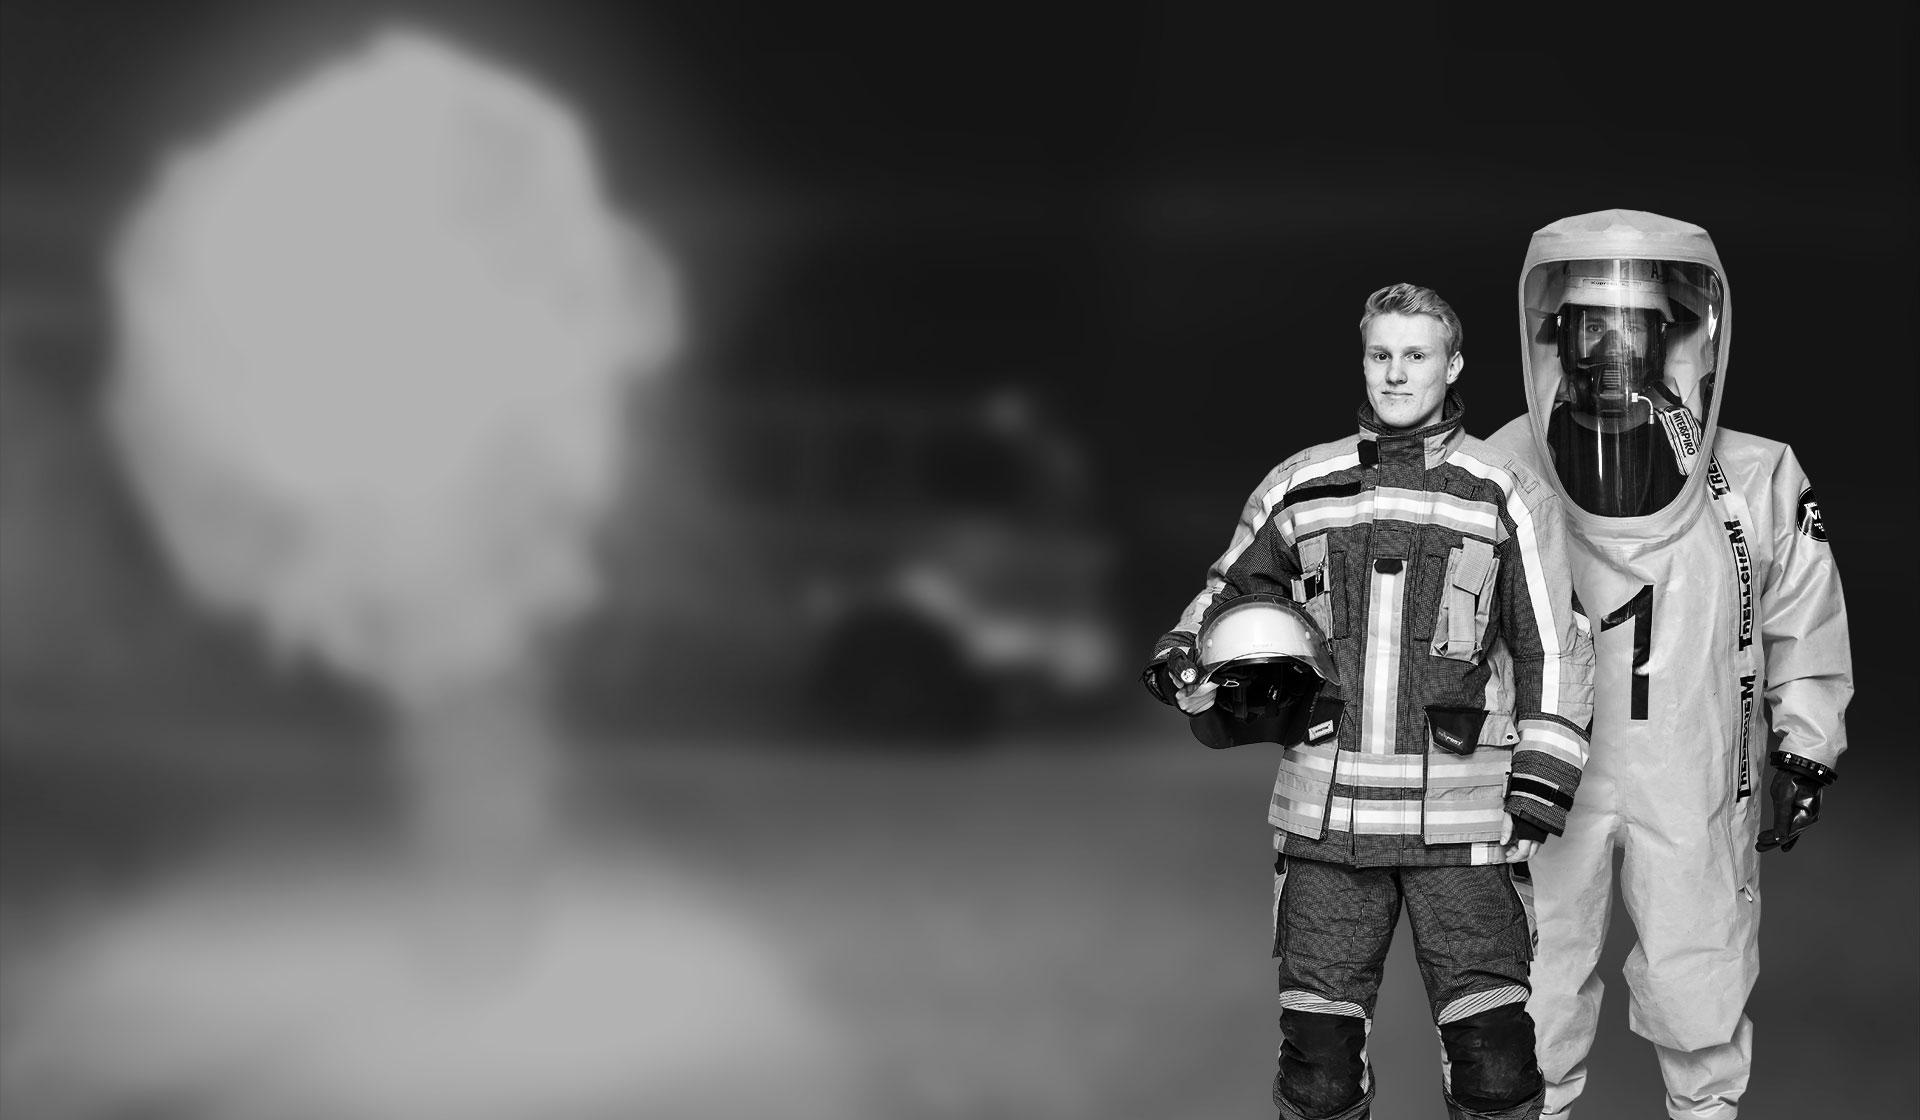 Feuerwehrmann Chiemievollschutz Anzug Explosion